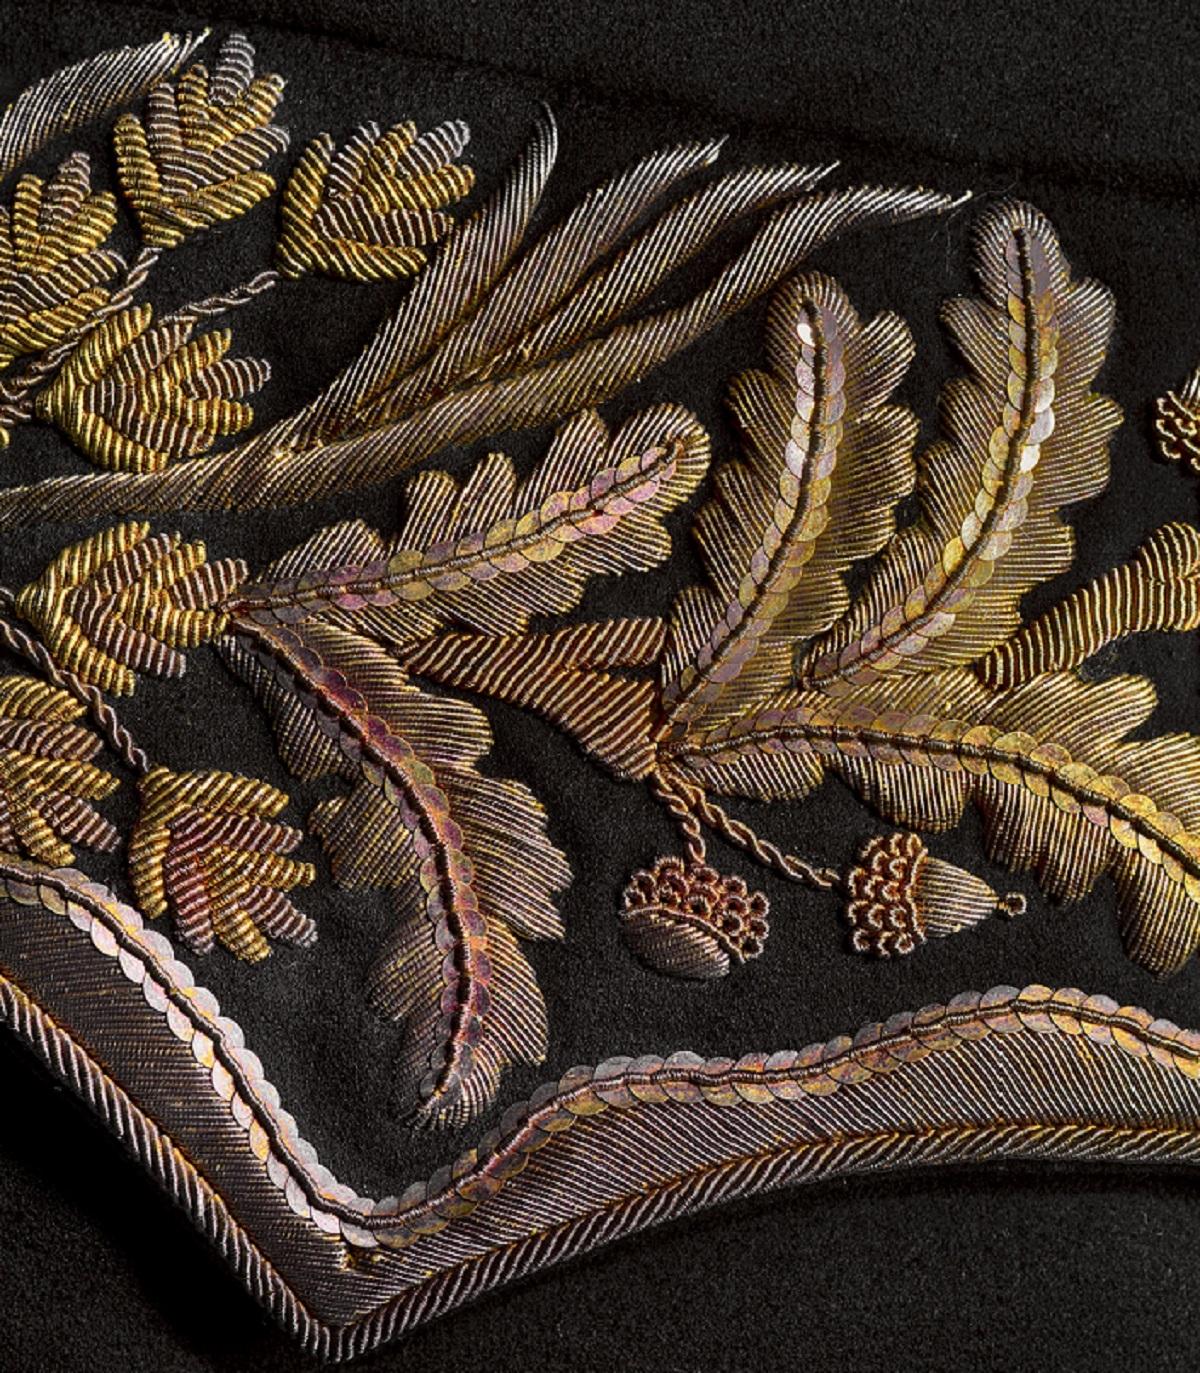 Jas van ambtskostuum van Ridderschap van de provincie Friesland, 1826-1849, collectie Fries Museum - foto Erik & Petra Hesmerg - Haute Bordure - Handwerkwereld